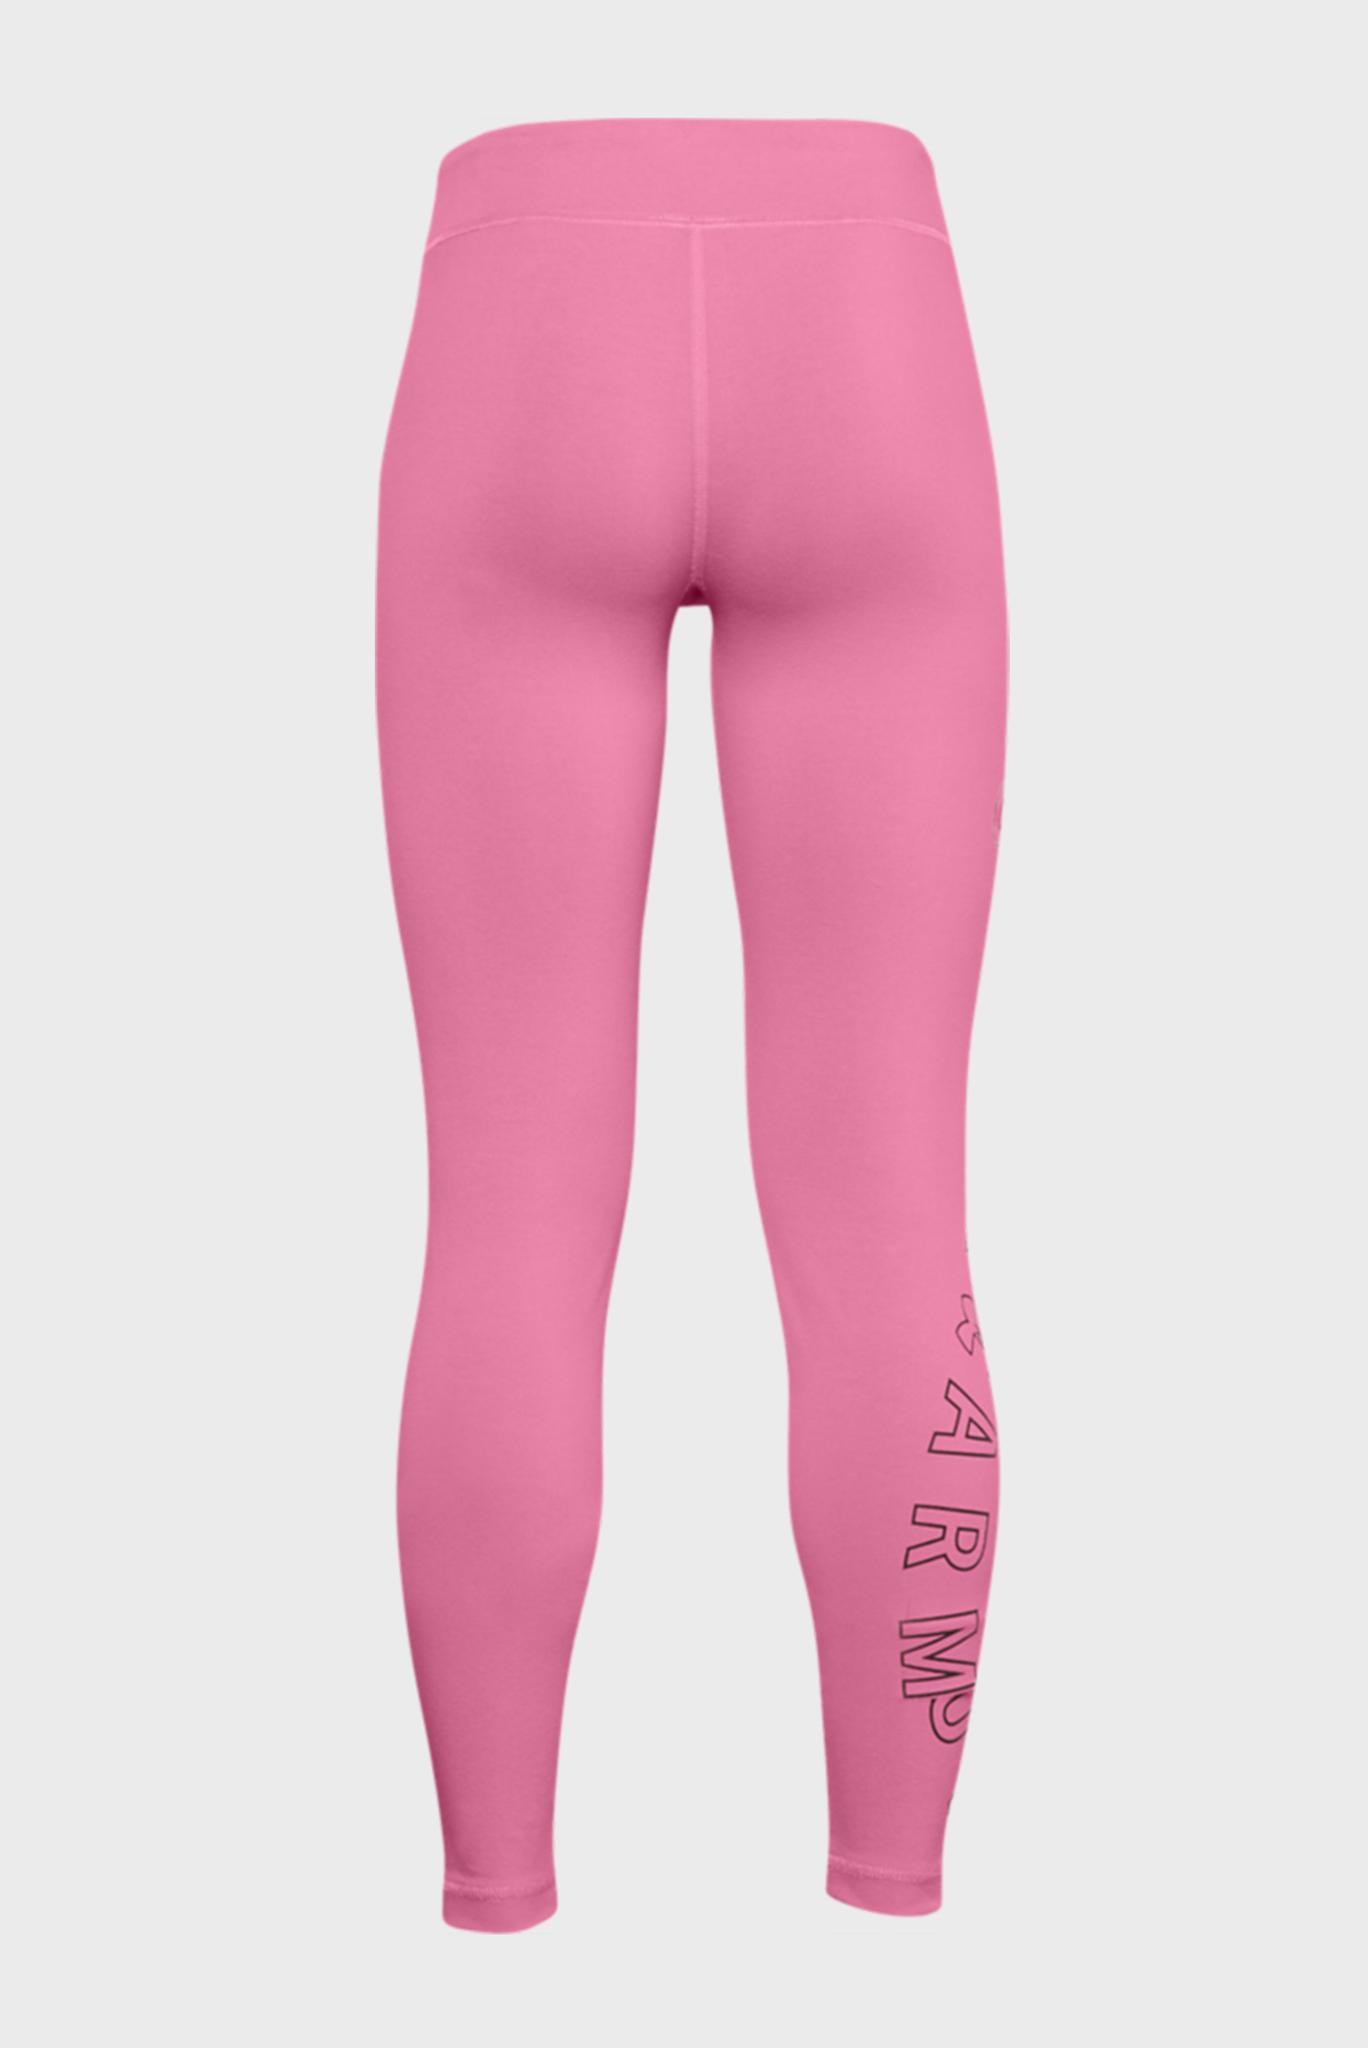 Детские розовые тайтсы Favorites Legging Under Armour